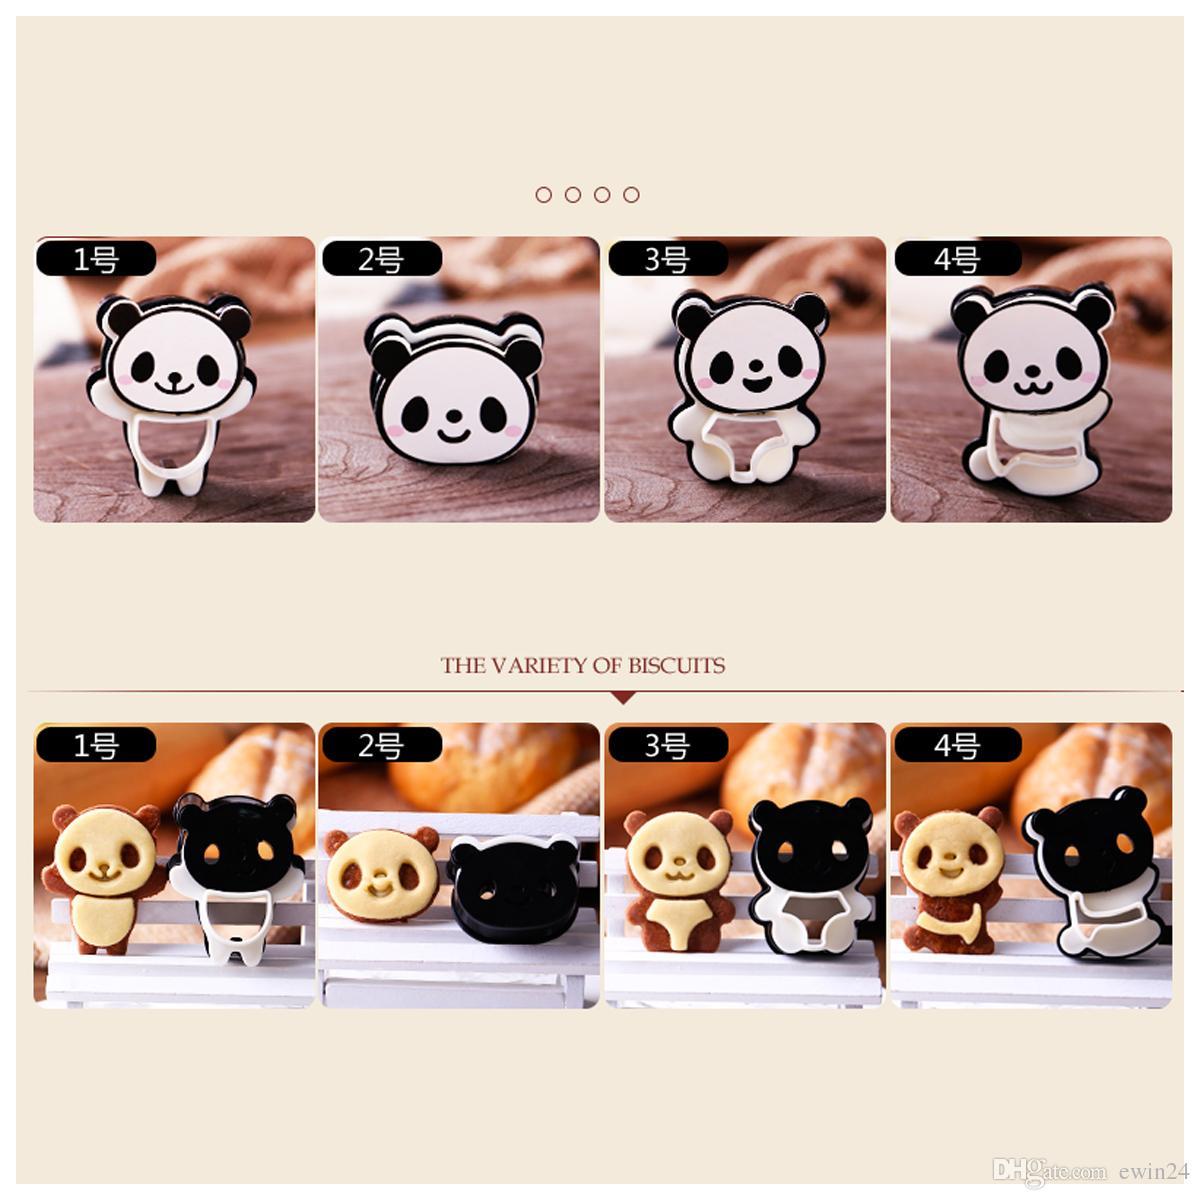 Kit de galletas de bolsillo Panda lindo Sandwich de molde y galletas de pan Set de 4 regalos de San Valentín